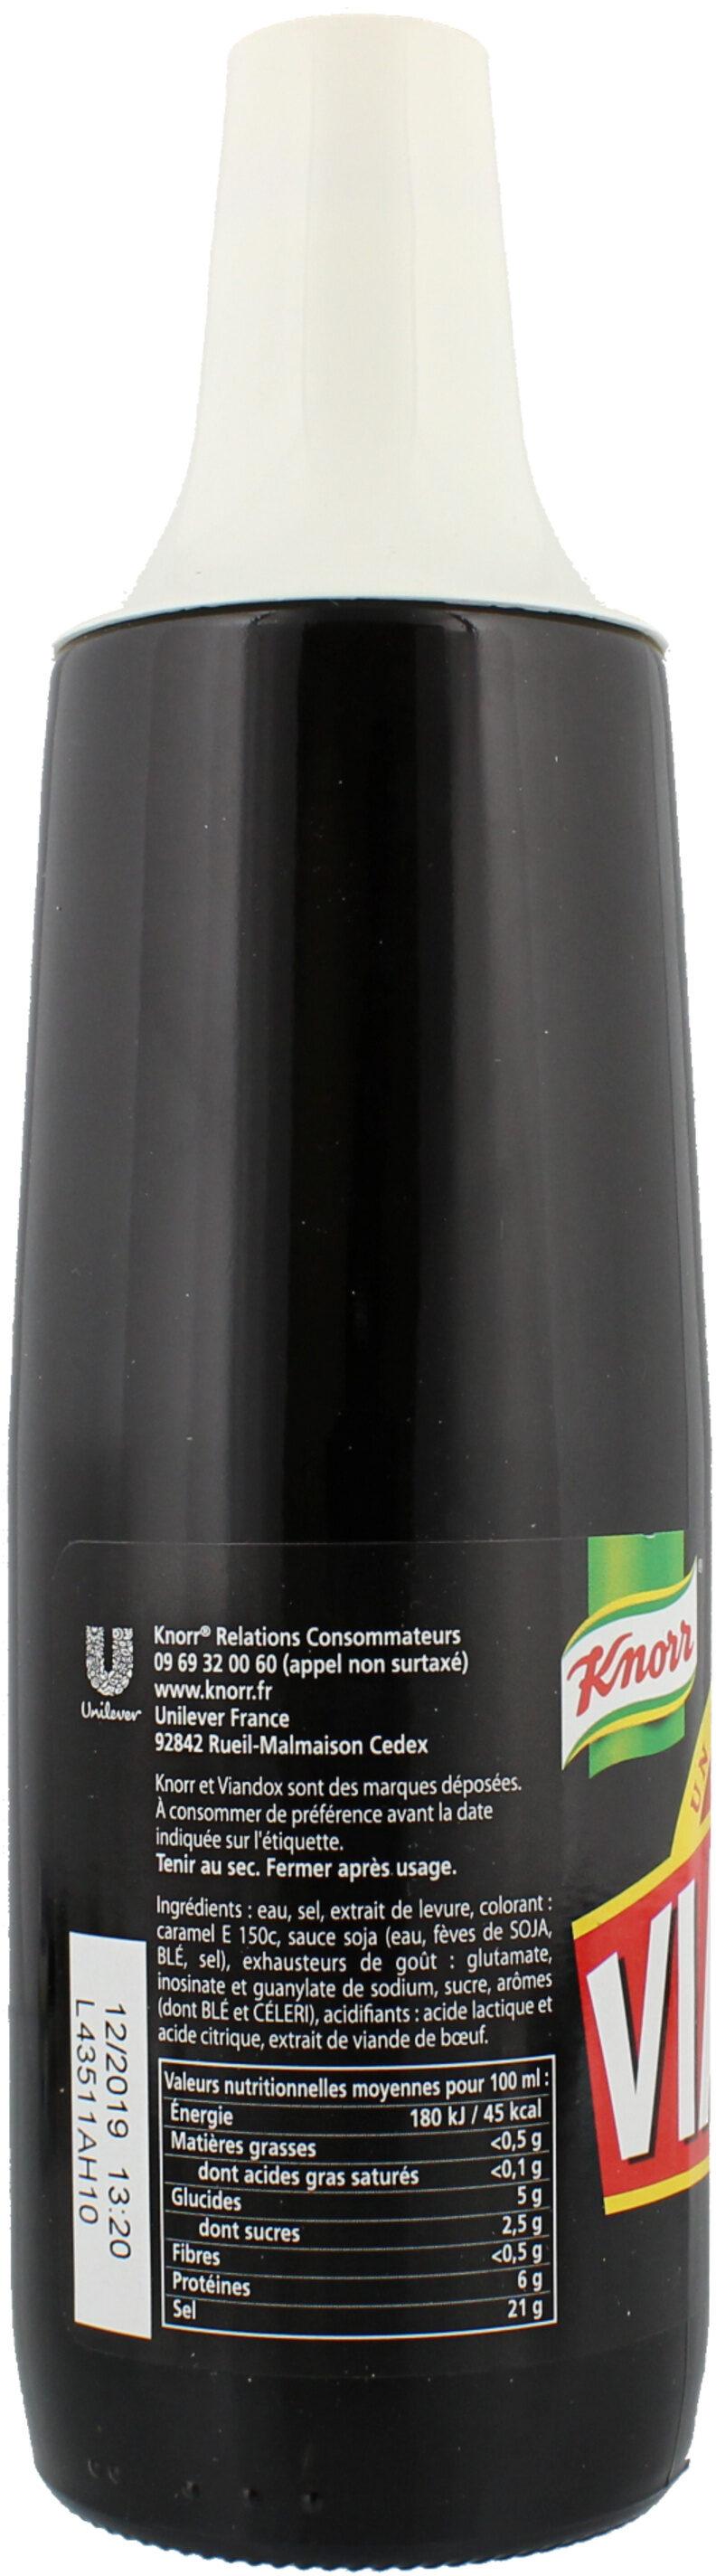 Knorr Viandox Assaisonnement Liquide 665ml - Ingredients - fr